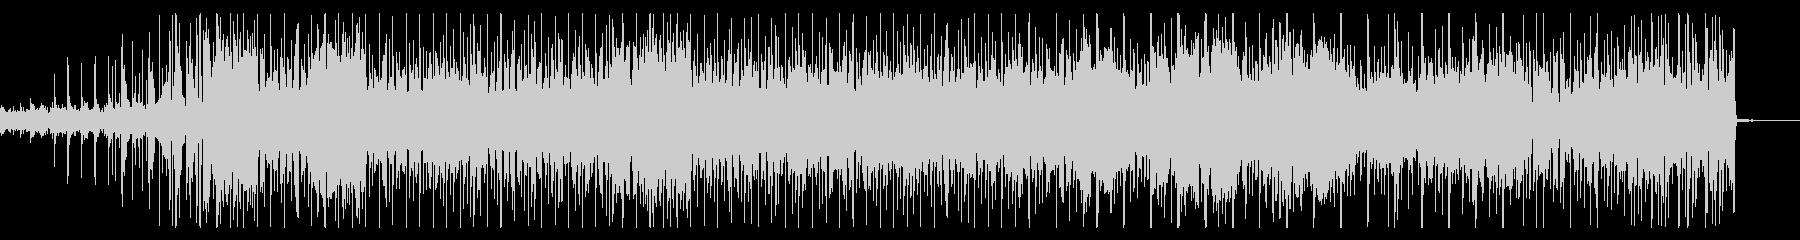 激しく甘美なエクスペリメンタルロックの未再生の波形